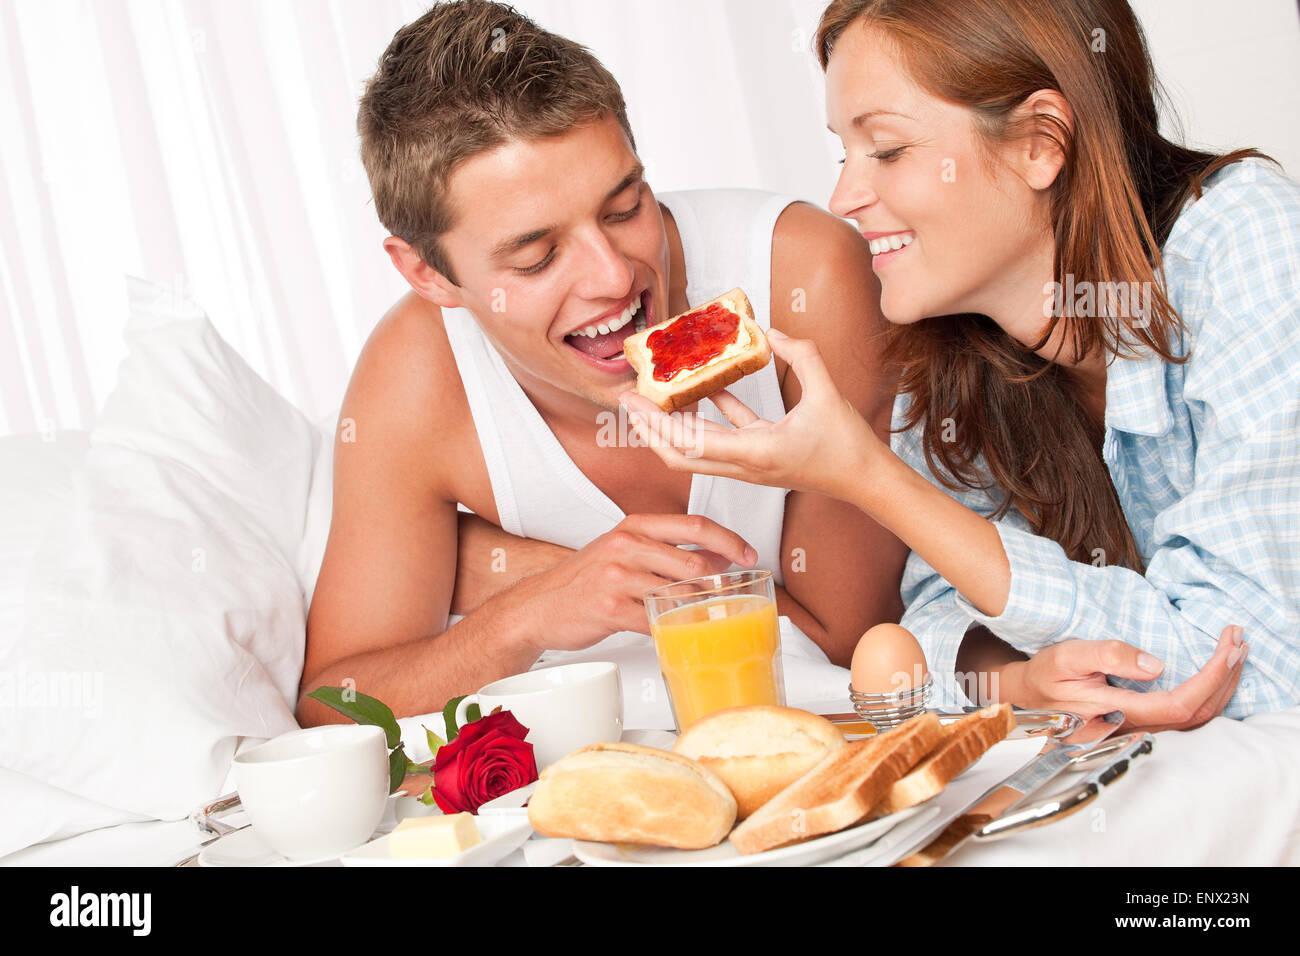 Что попробовать в постели с женой 10 фотография